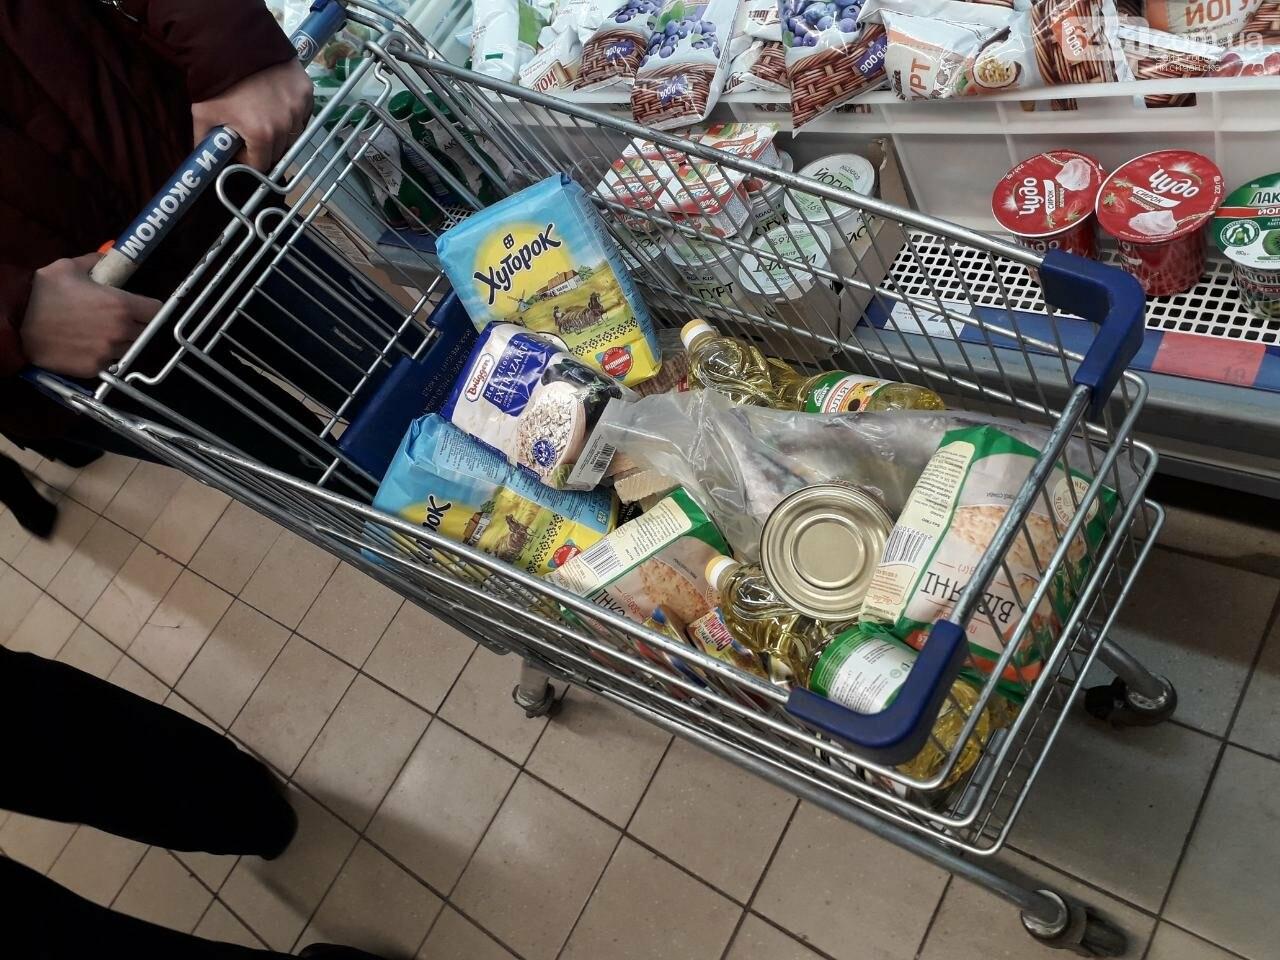 Ажиотажа нет, но продукты раскупают: что происходит в супермаркетах Лисичанска накануне карантина (фоторепортаж), фото-11